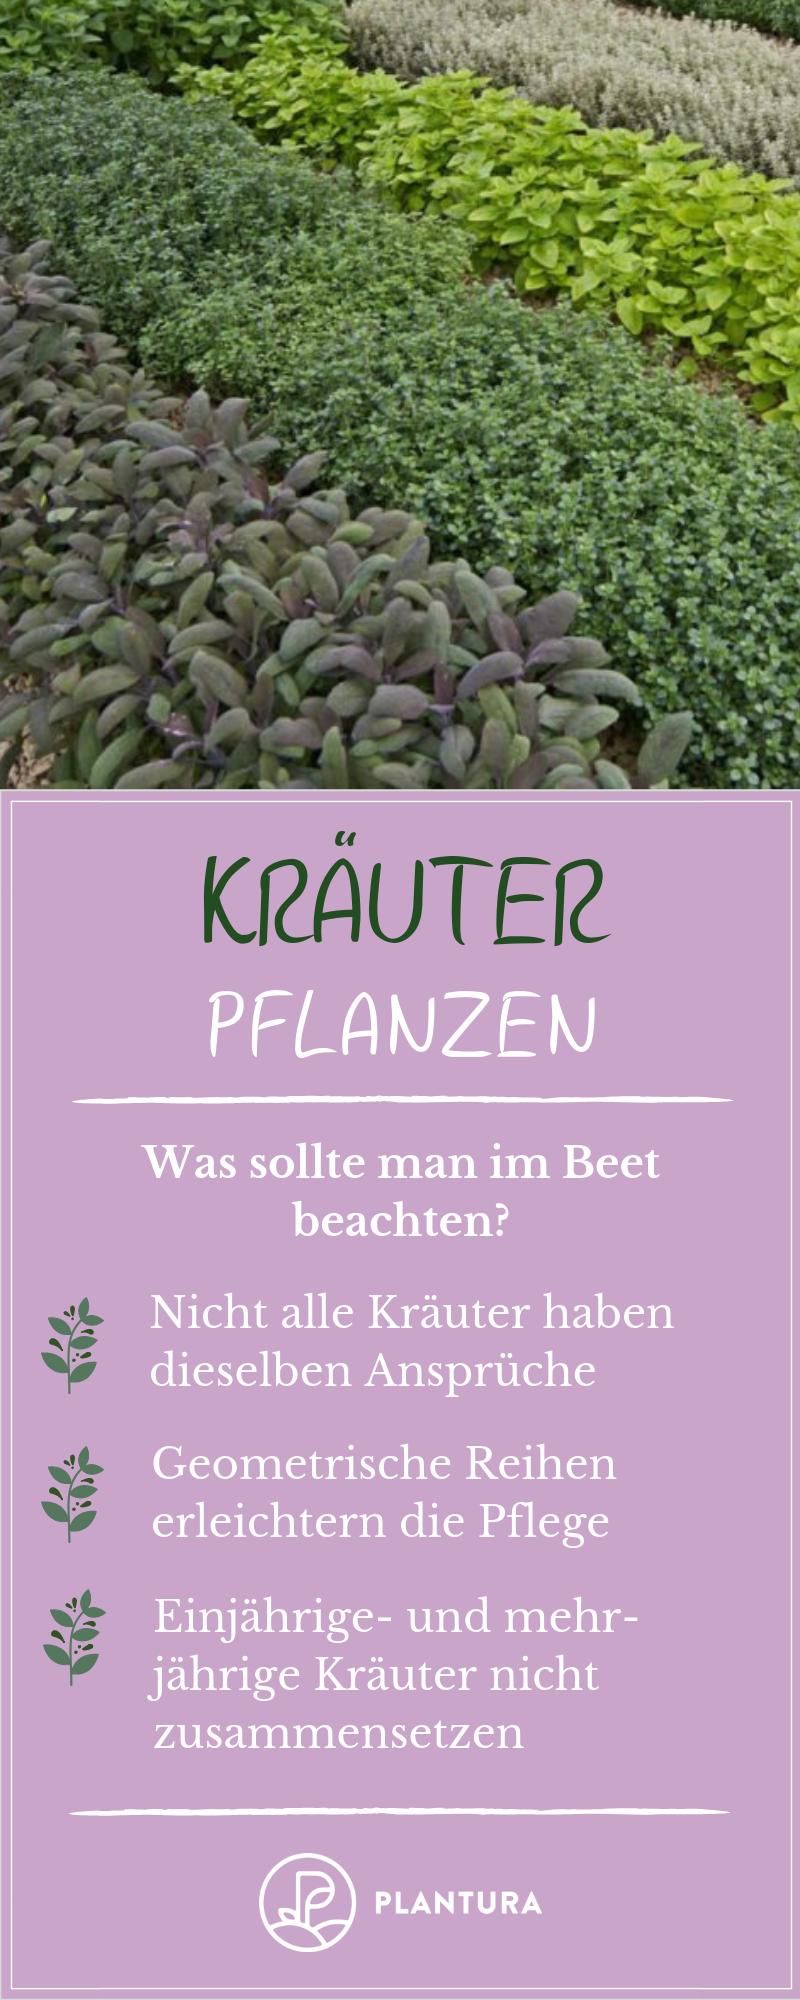 Krauter Pflanzen Tipps Fur Balkon Beet Plantura Krauter Pflanzen Krauterpflanzen Balkon Beet